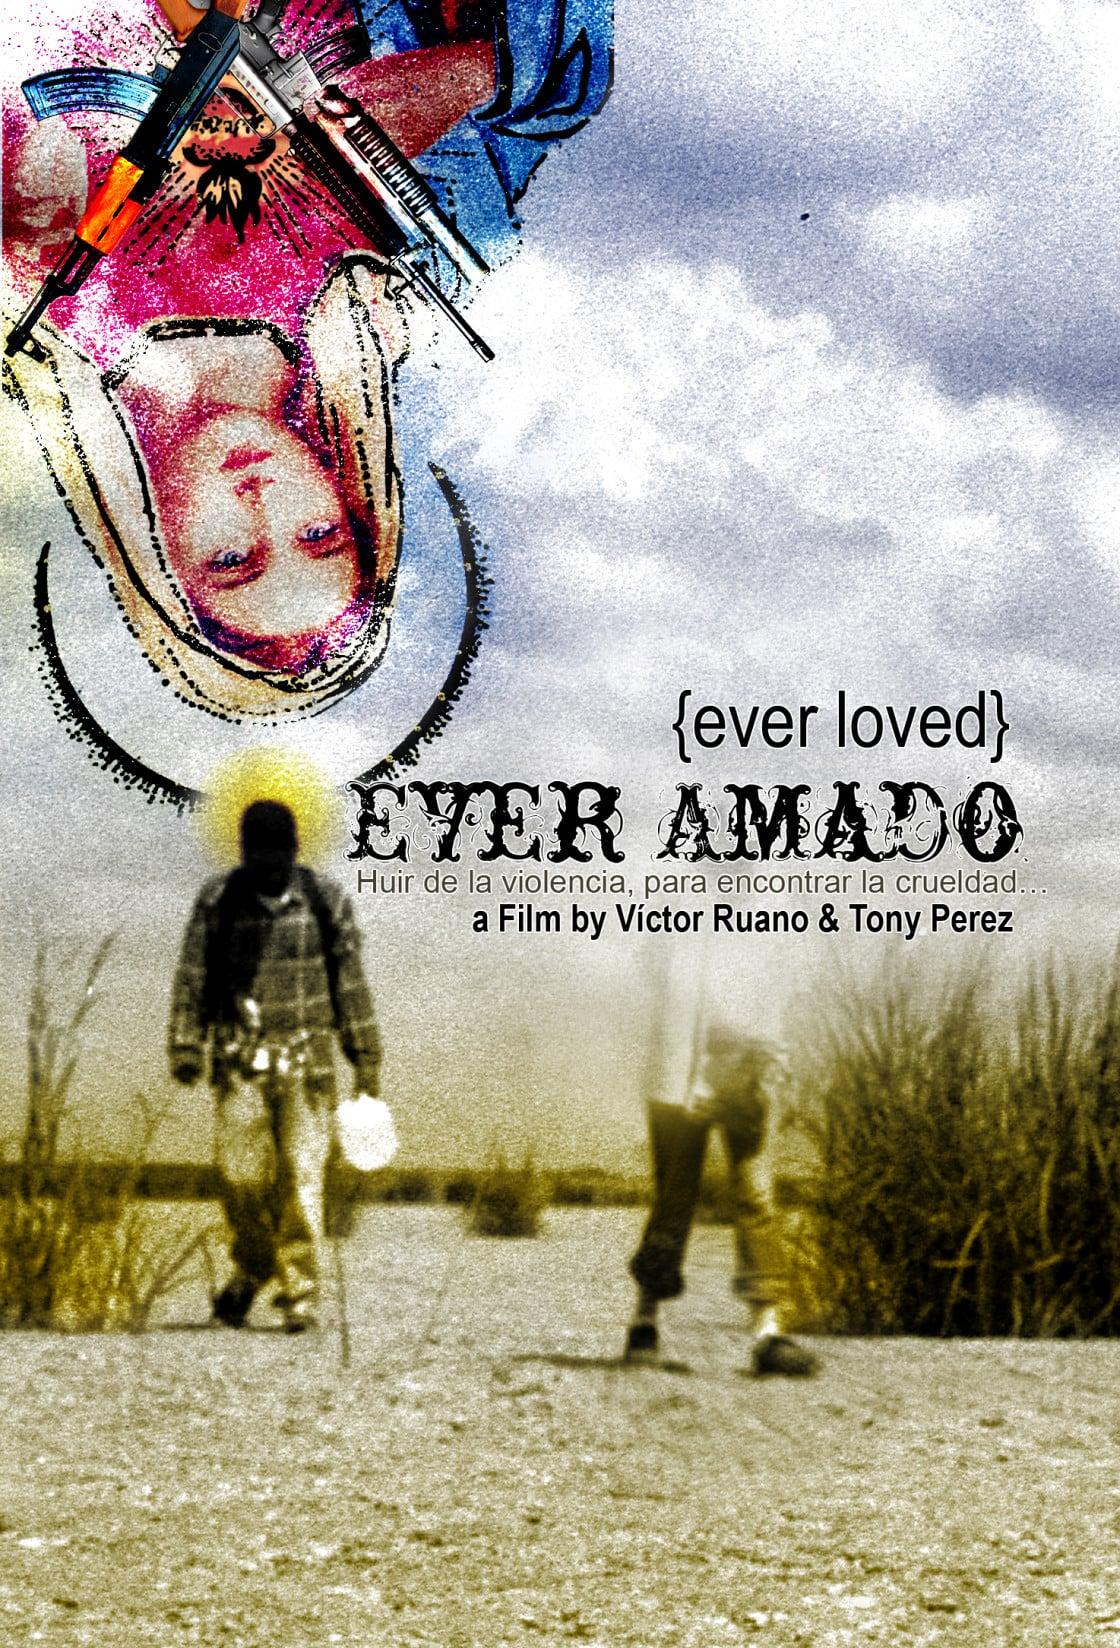 ever-amado-victor-ruano